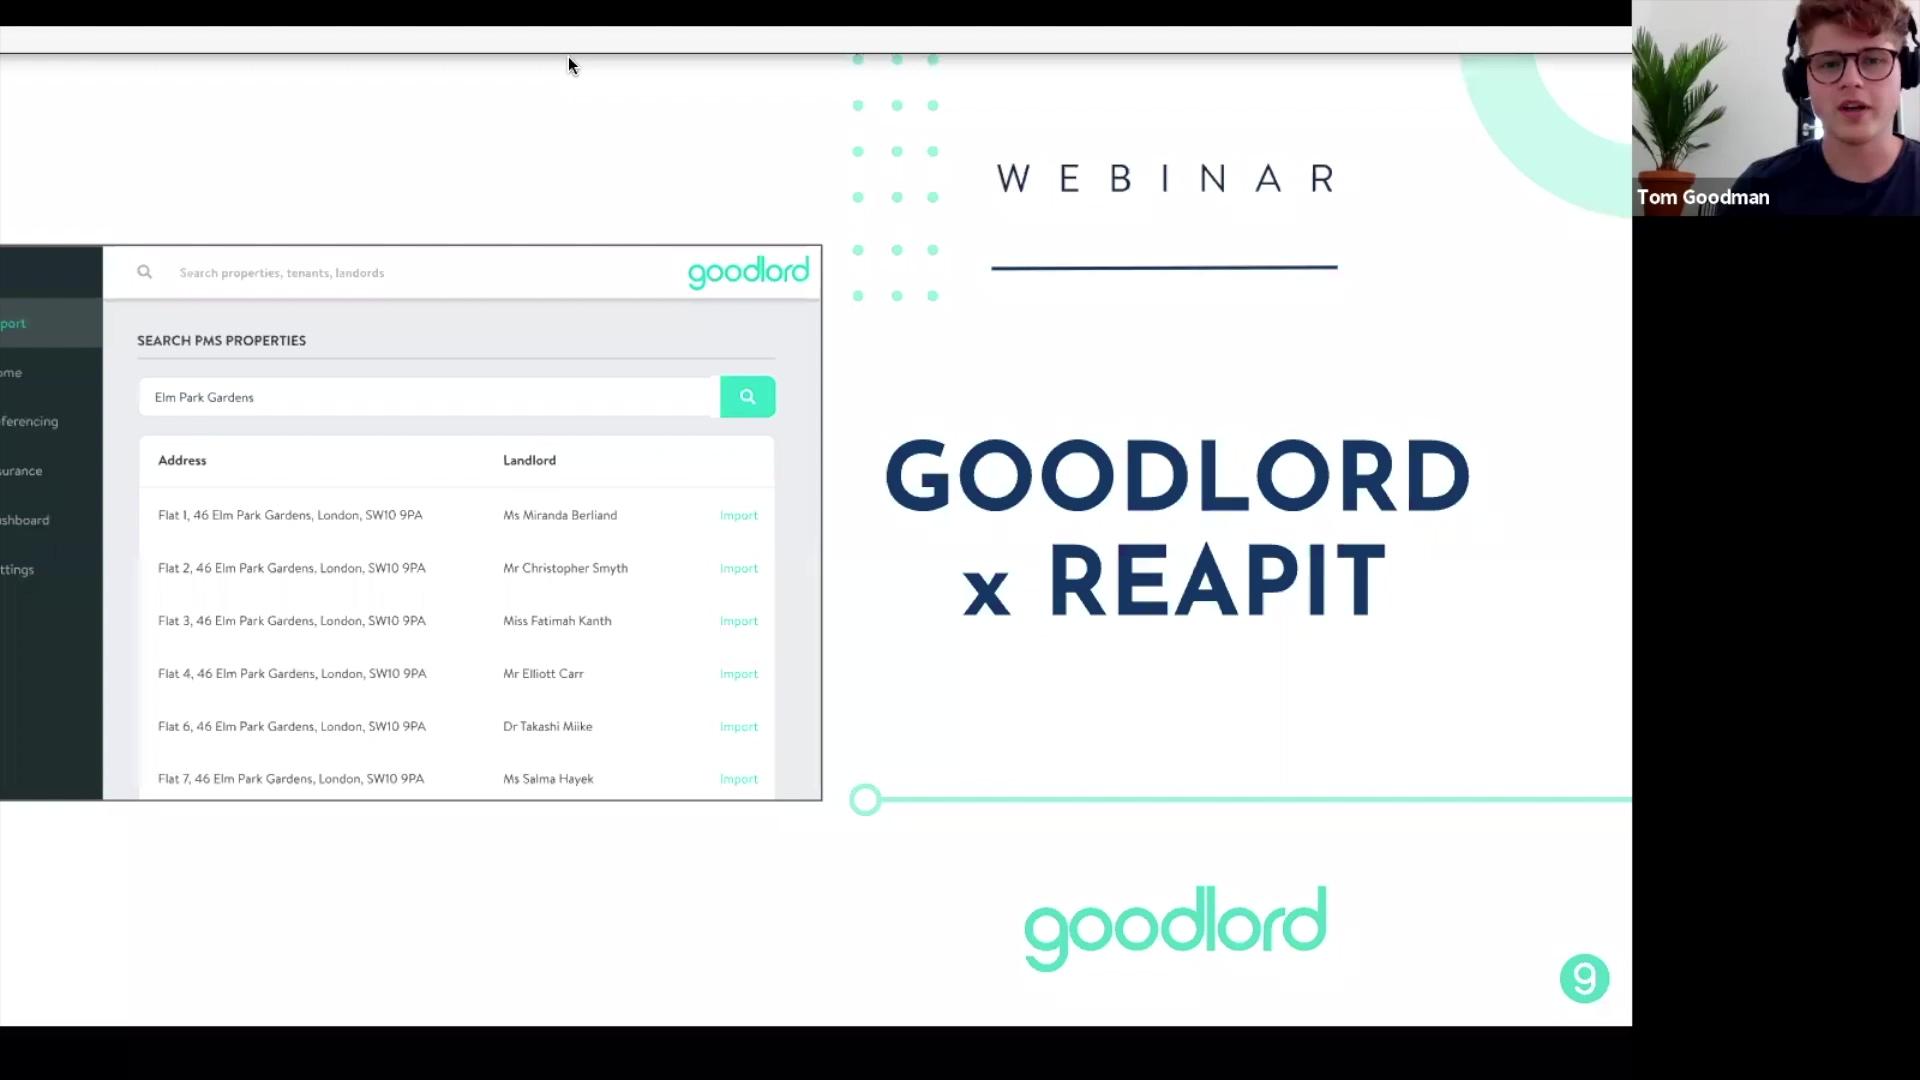 Reapit x Goodlord webinar